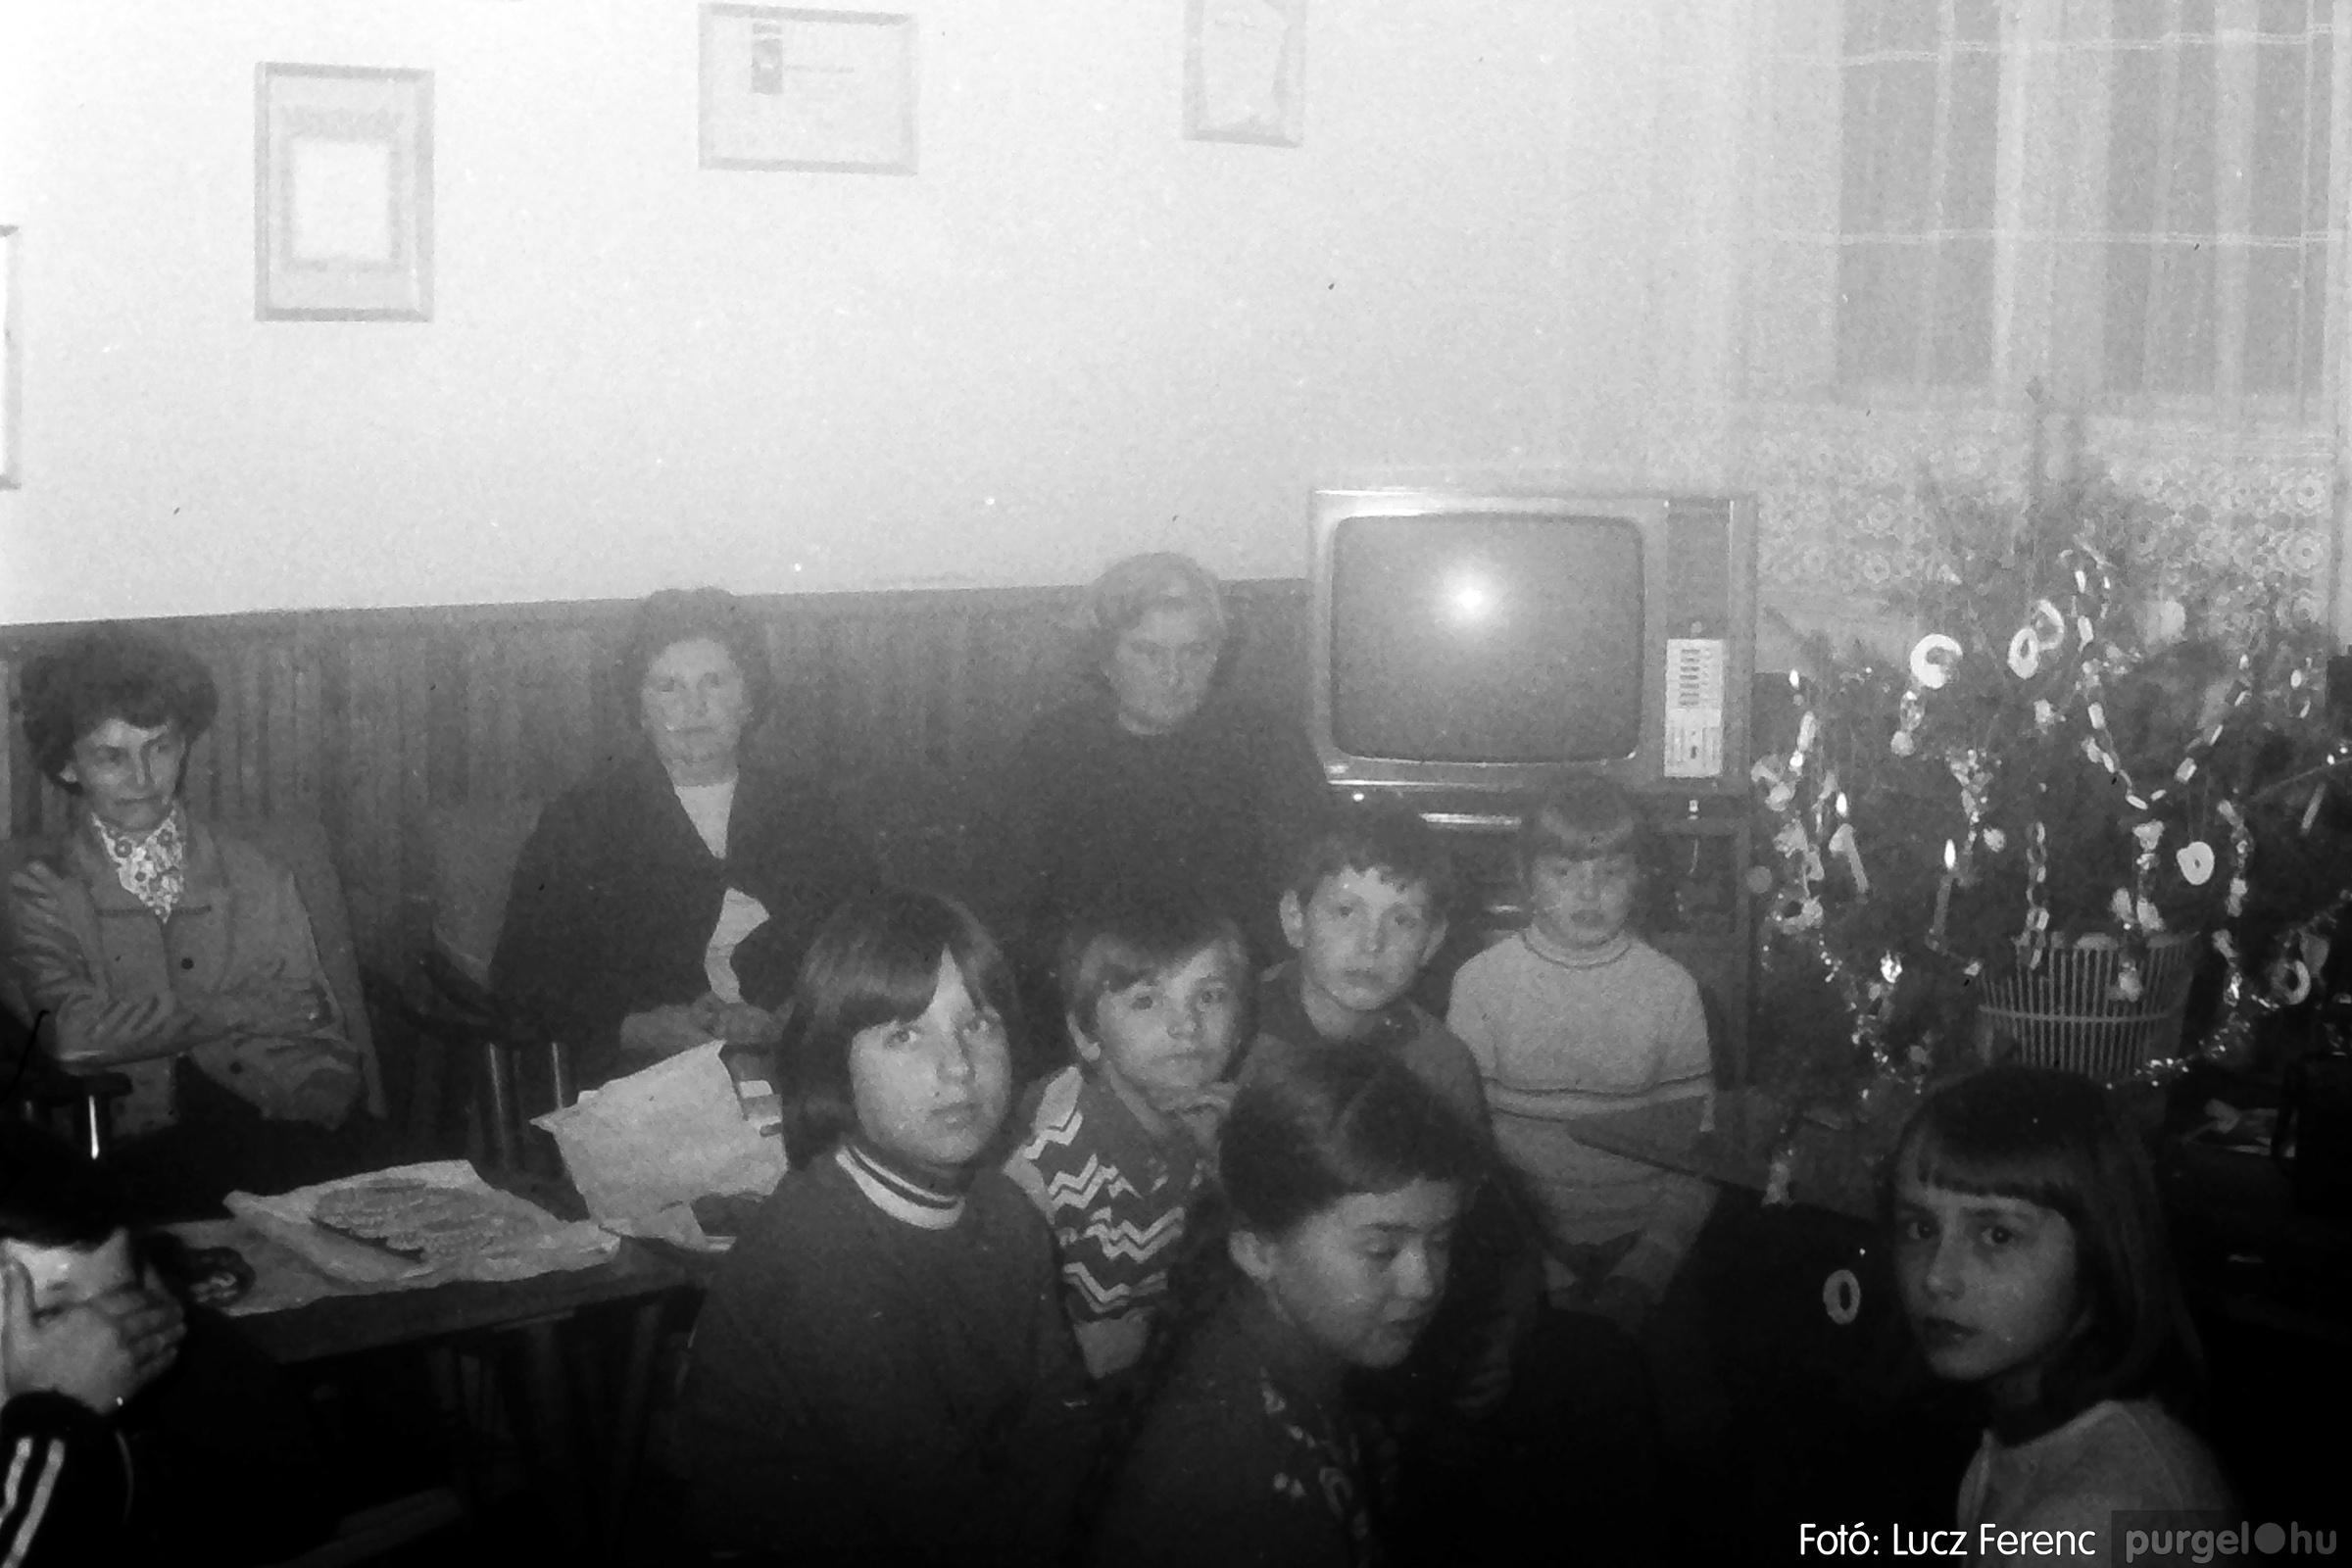 096. 1977. Karácsonyi összejövetel a kultúrházban 001. - Fotó: Lucz Ferenc.jpg